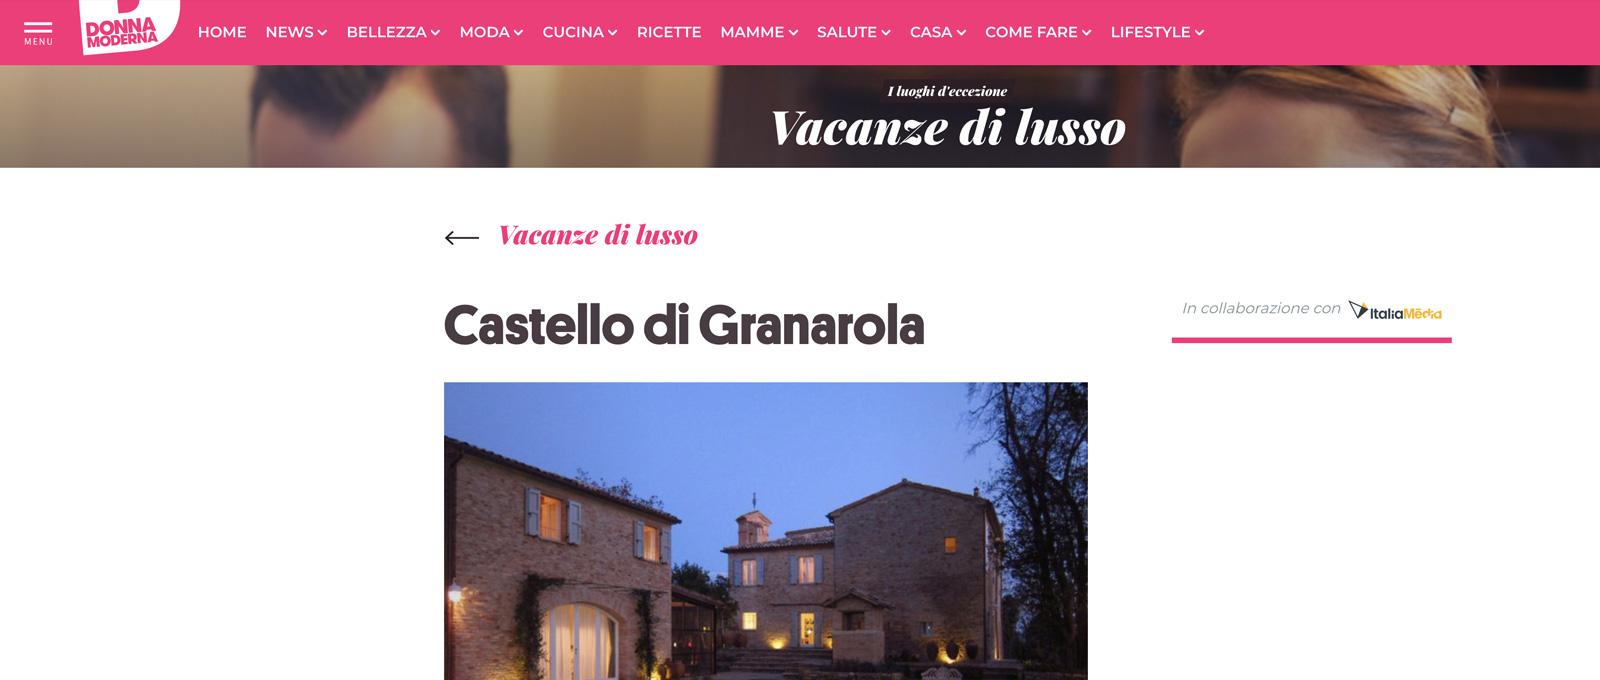 IL CASTELLO DI GRANAROLA SU DONNA MODERNA